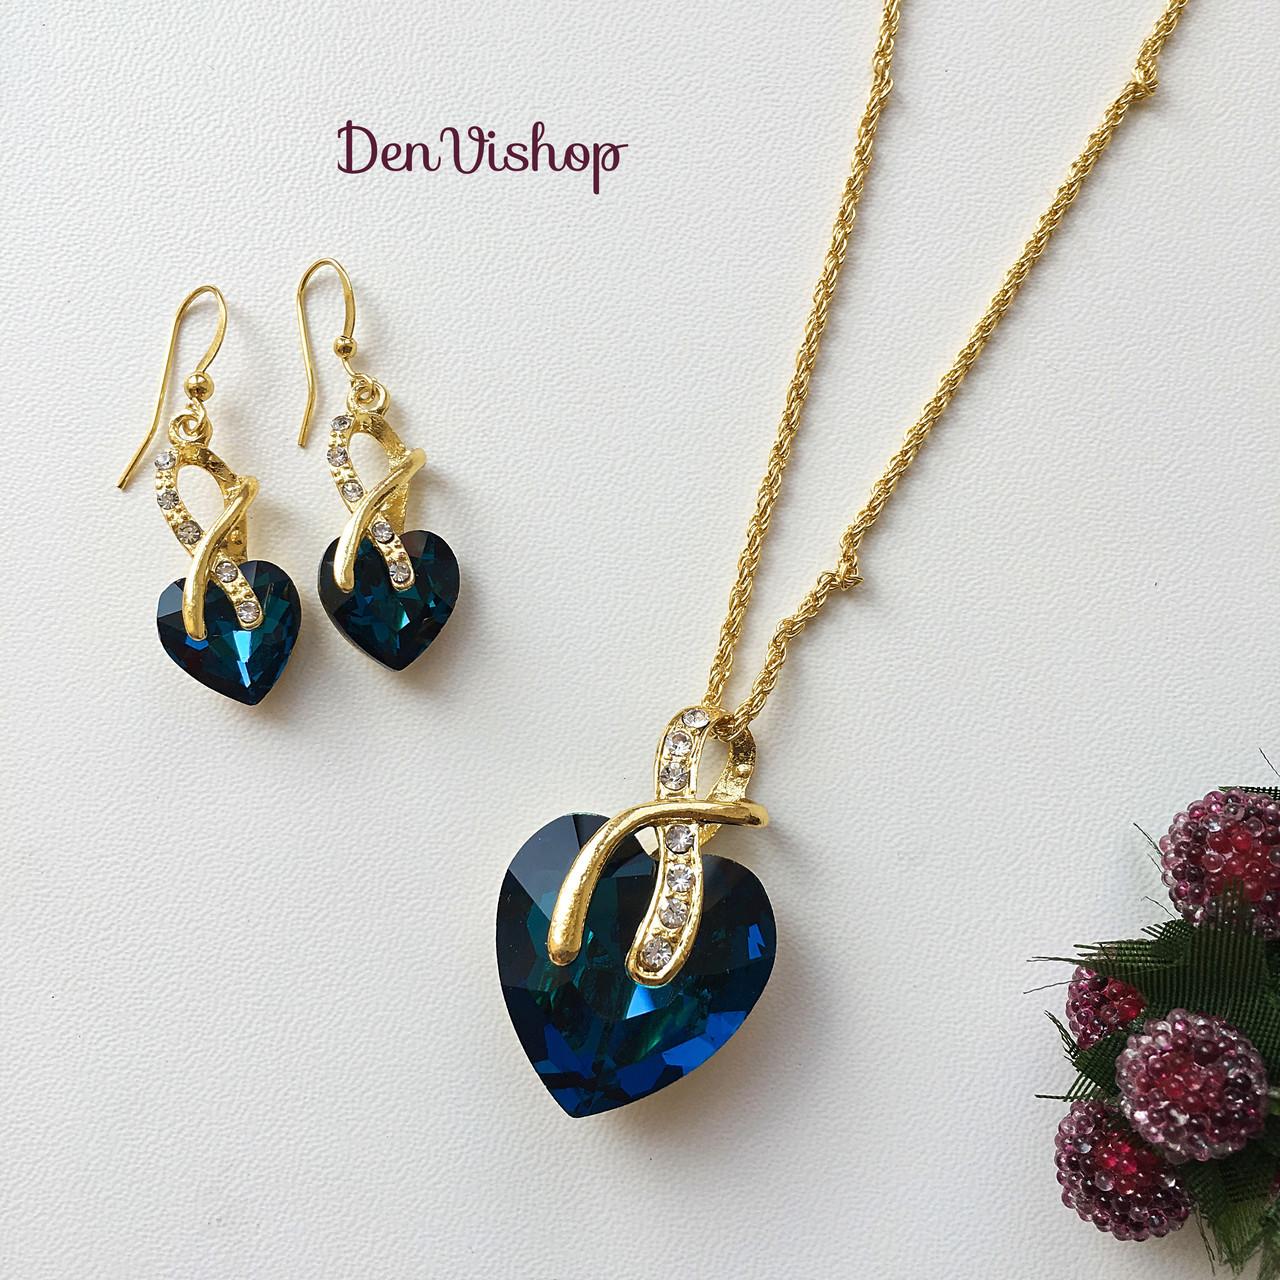 """Комплект біжутерії """"Лілія"""" синій камінь, форма серця, подарунковій упаковці."""